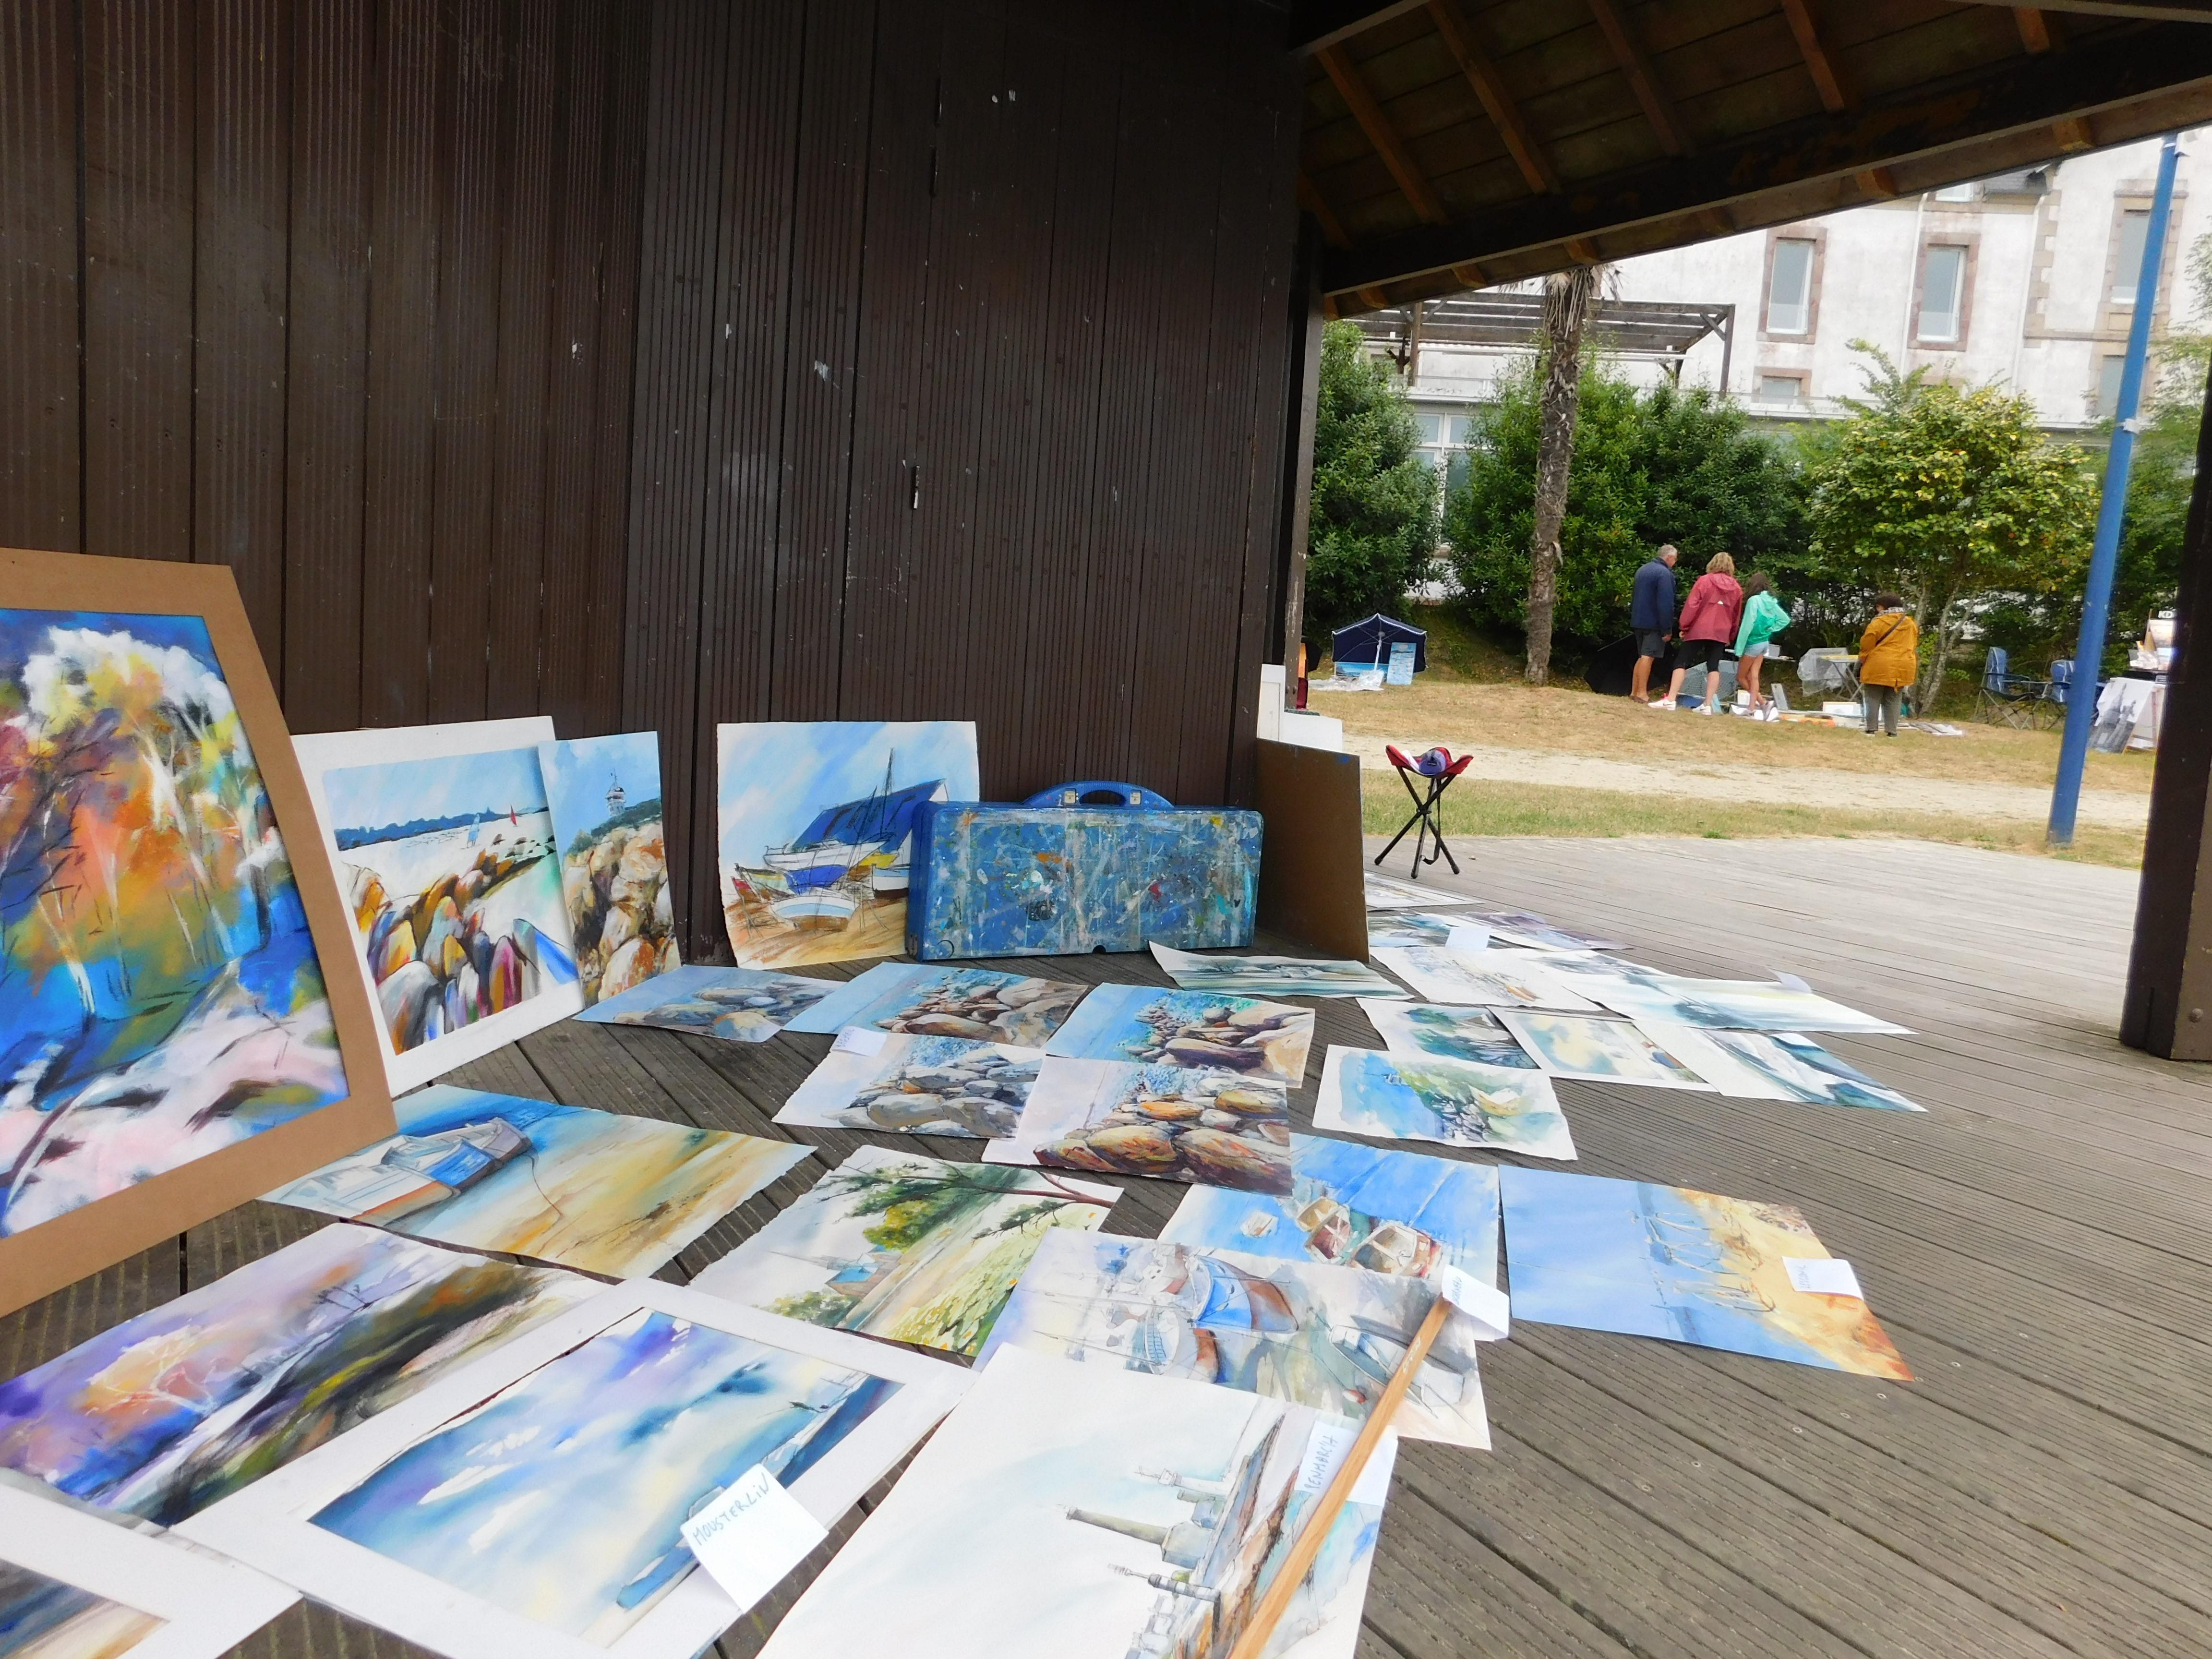 Vide ateliers d'artistes